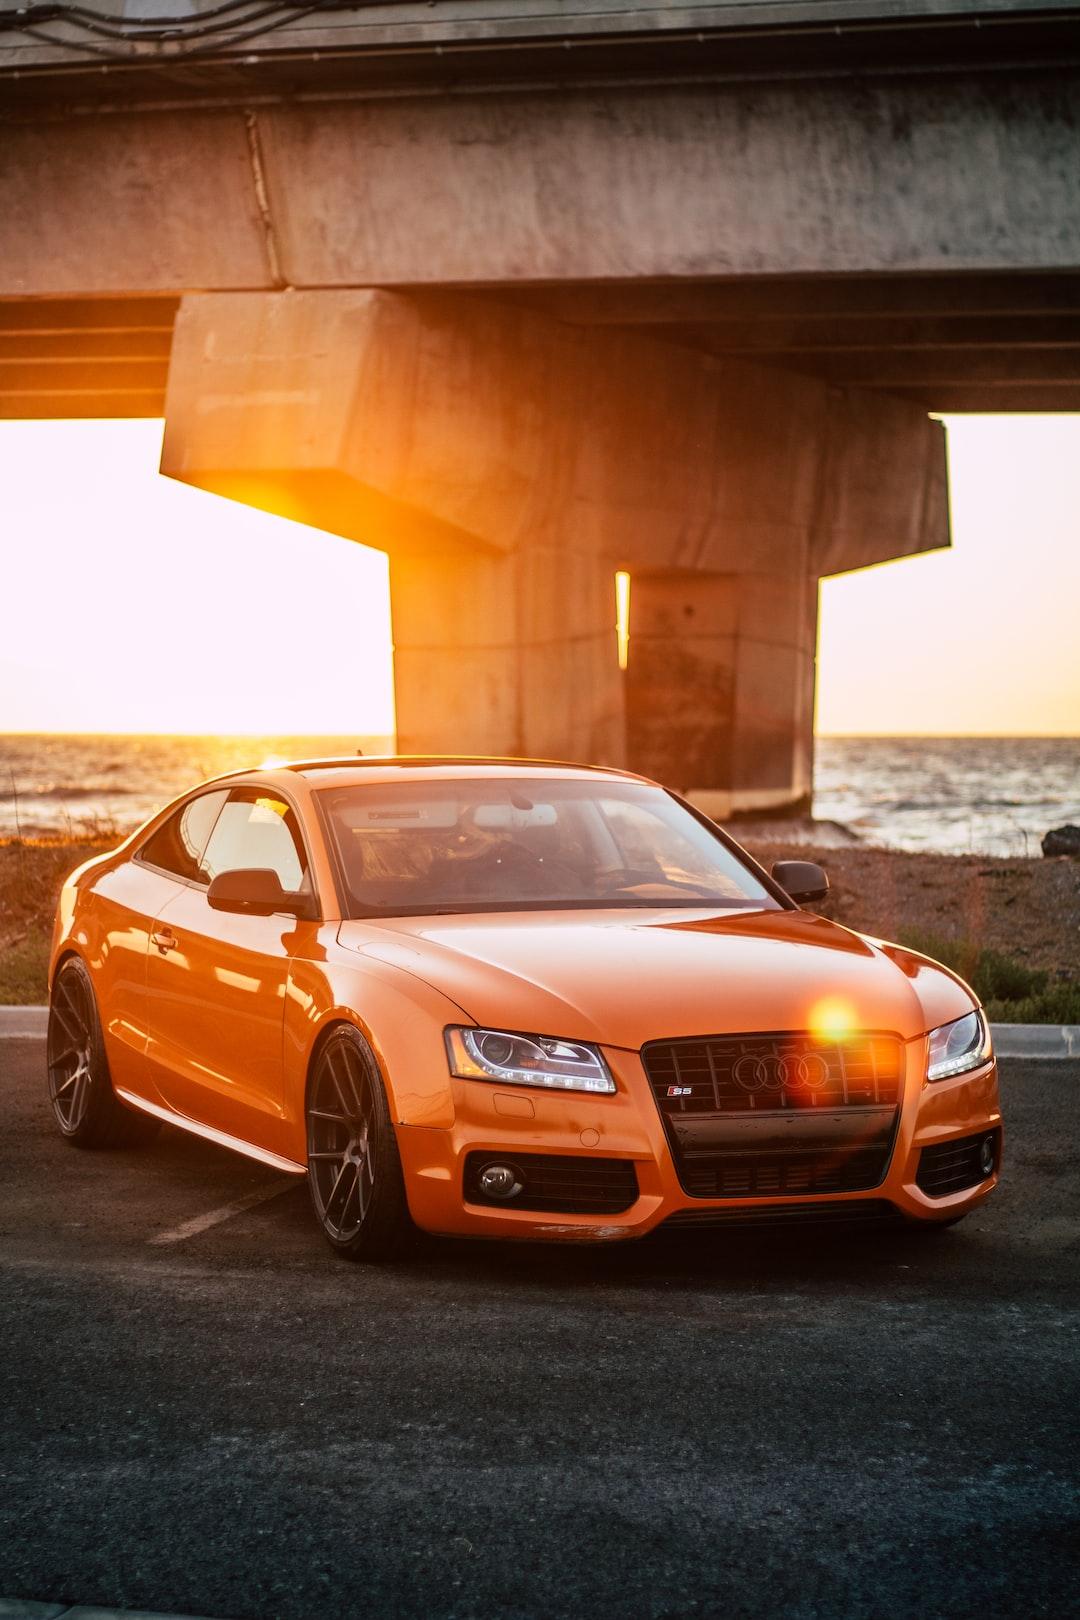 Audi S5 Sunset